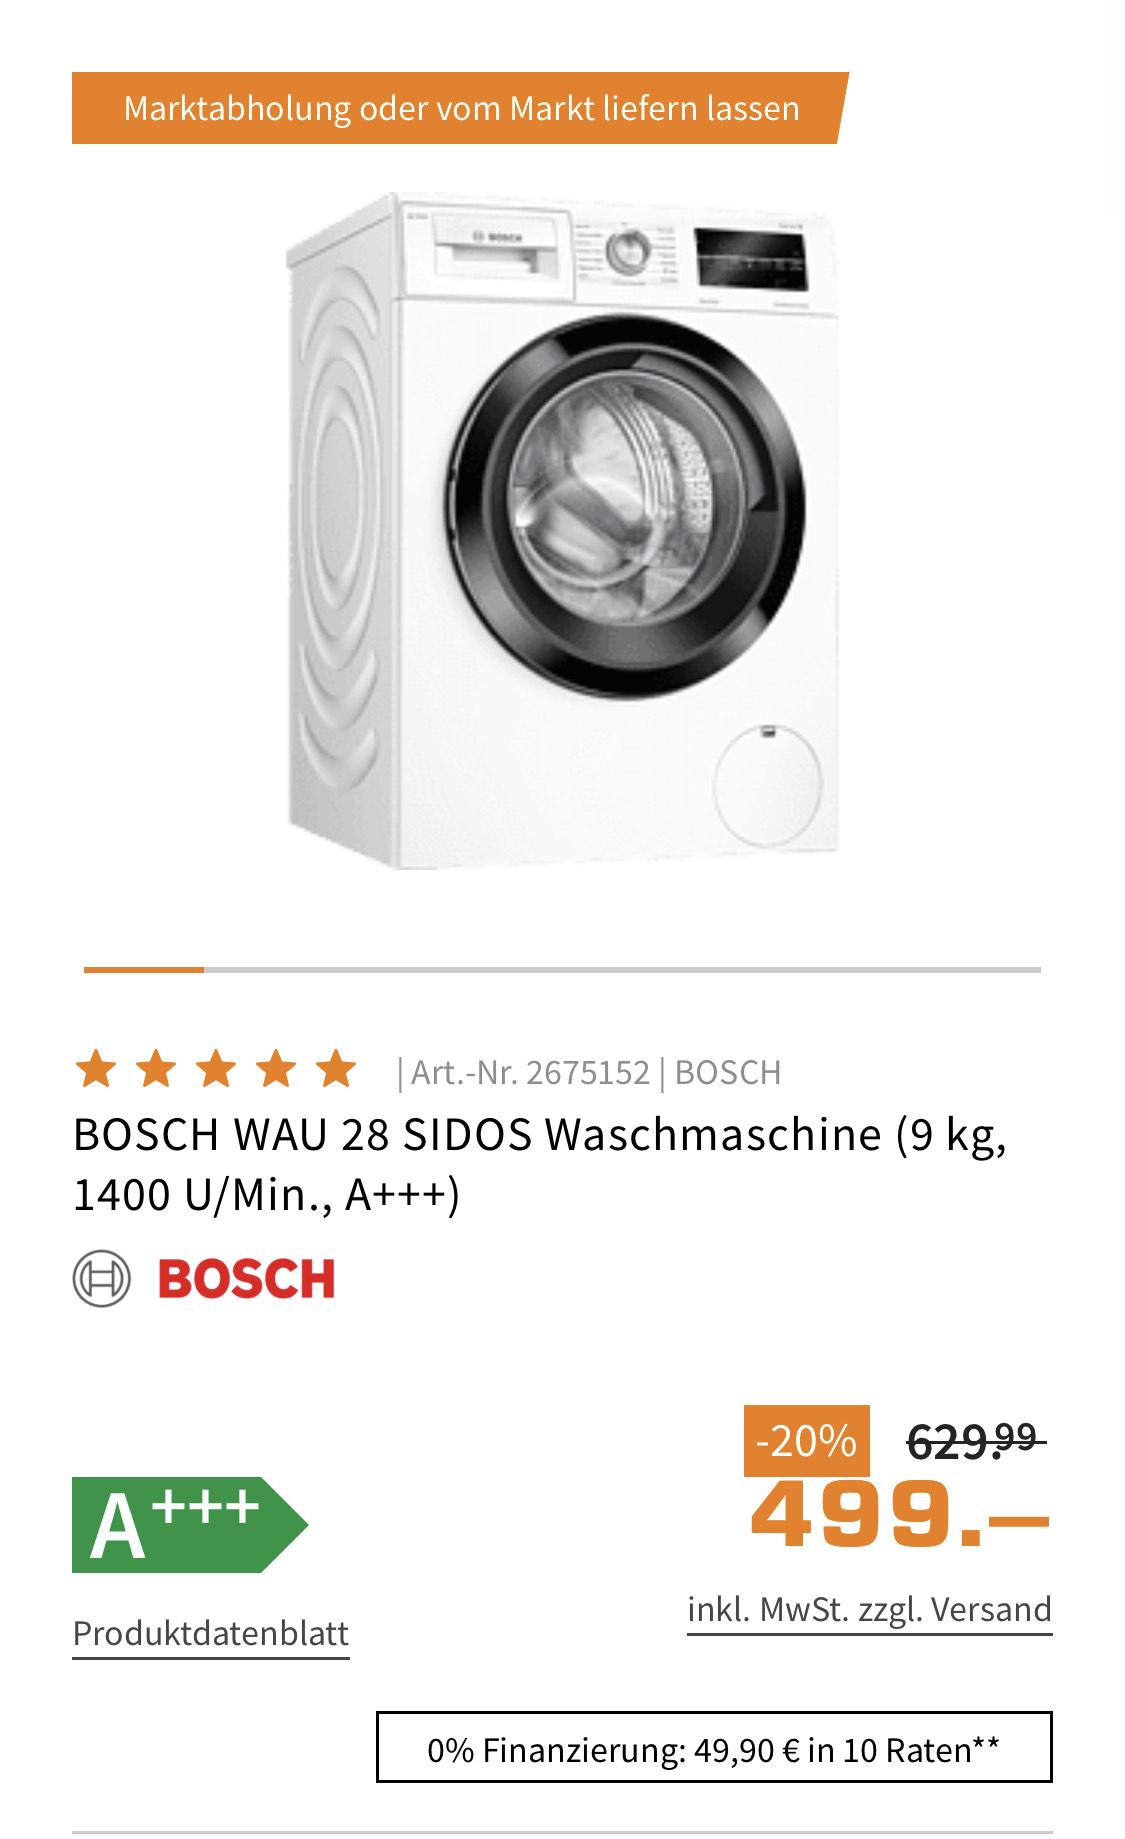 Bosch Waschmaschine WAU 28 SIDOS